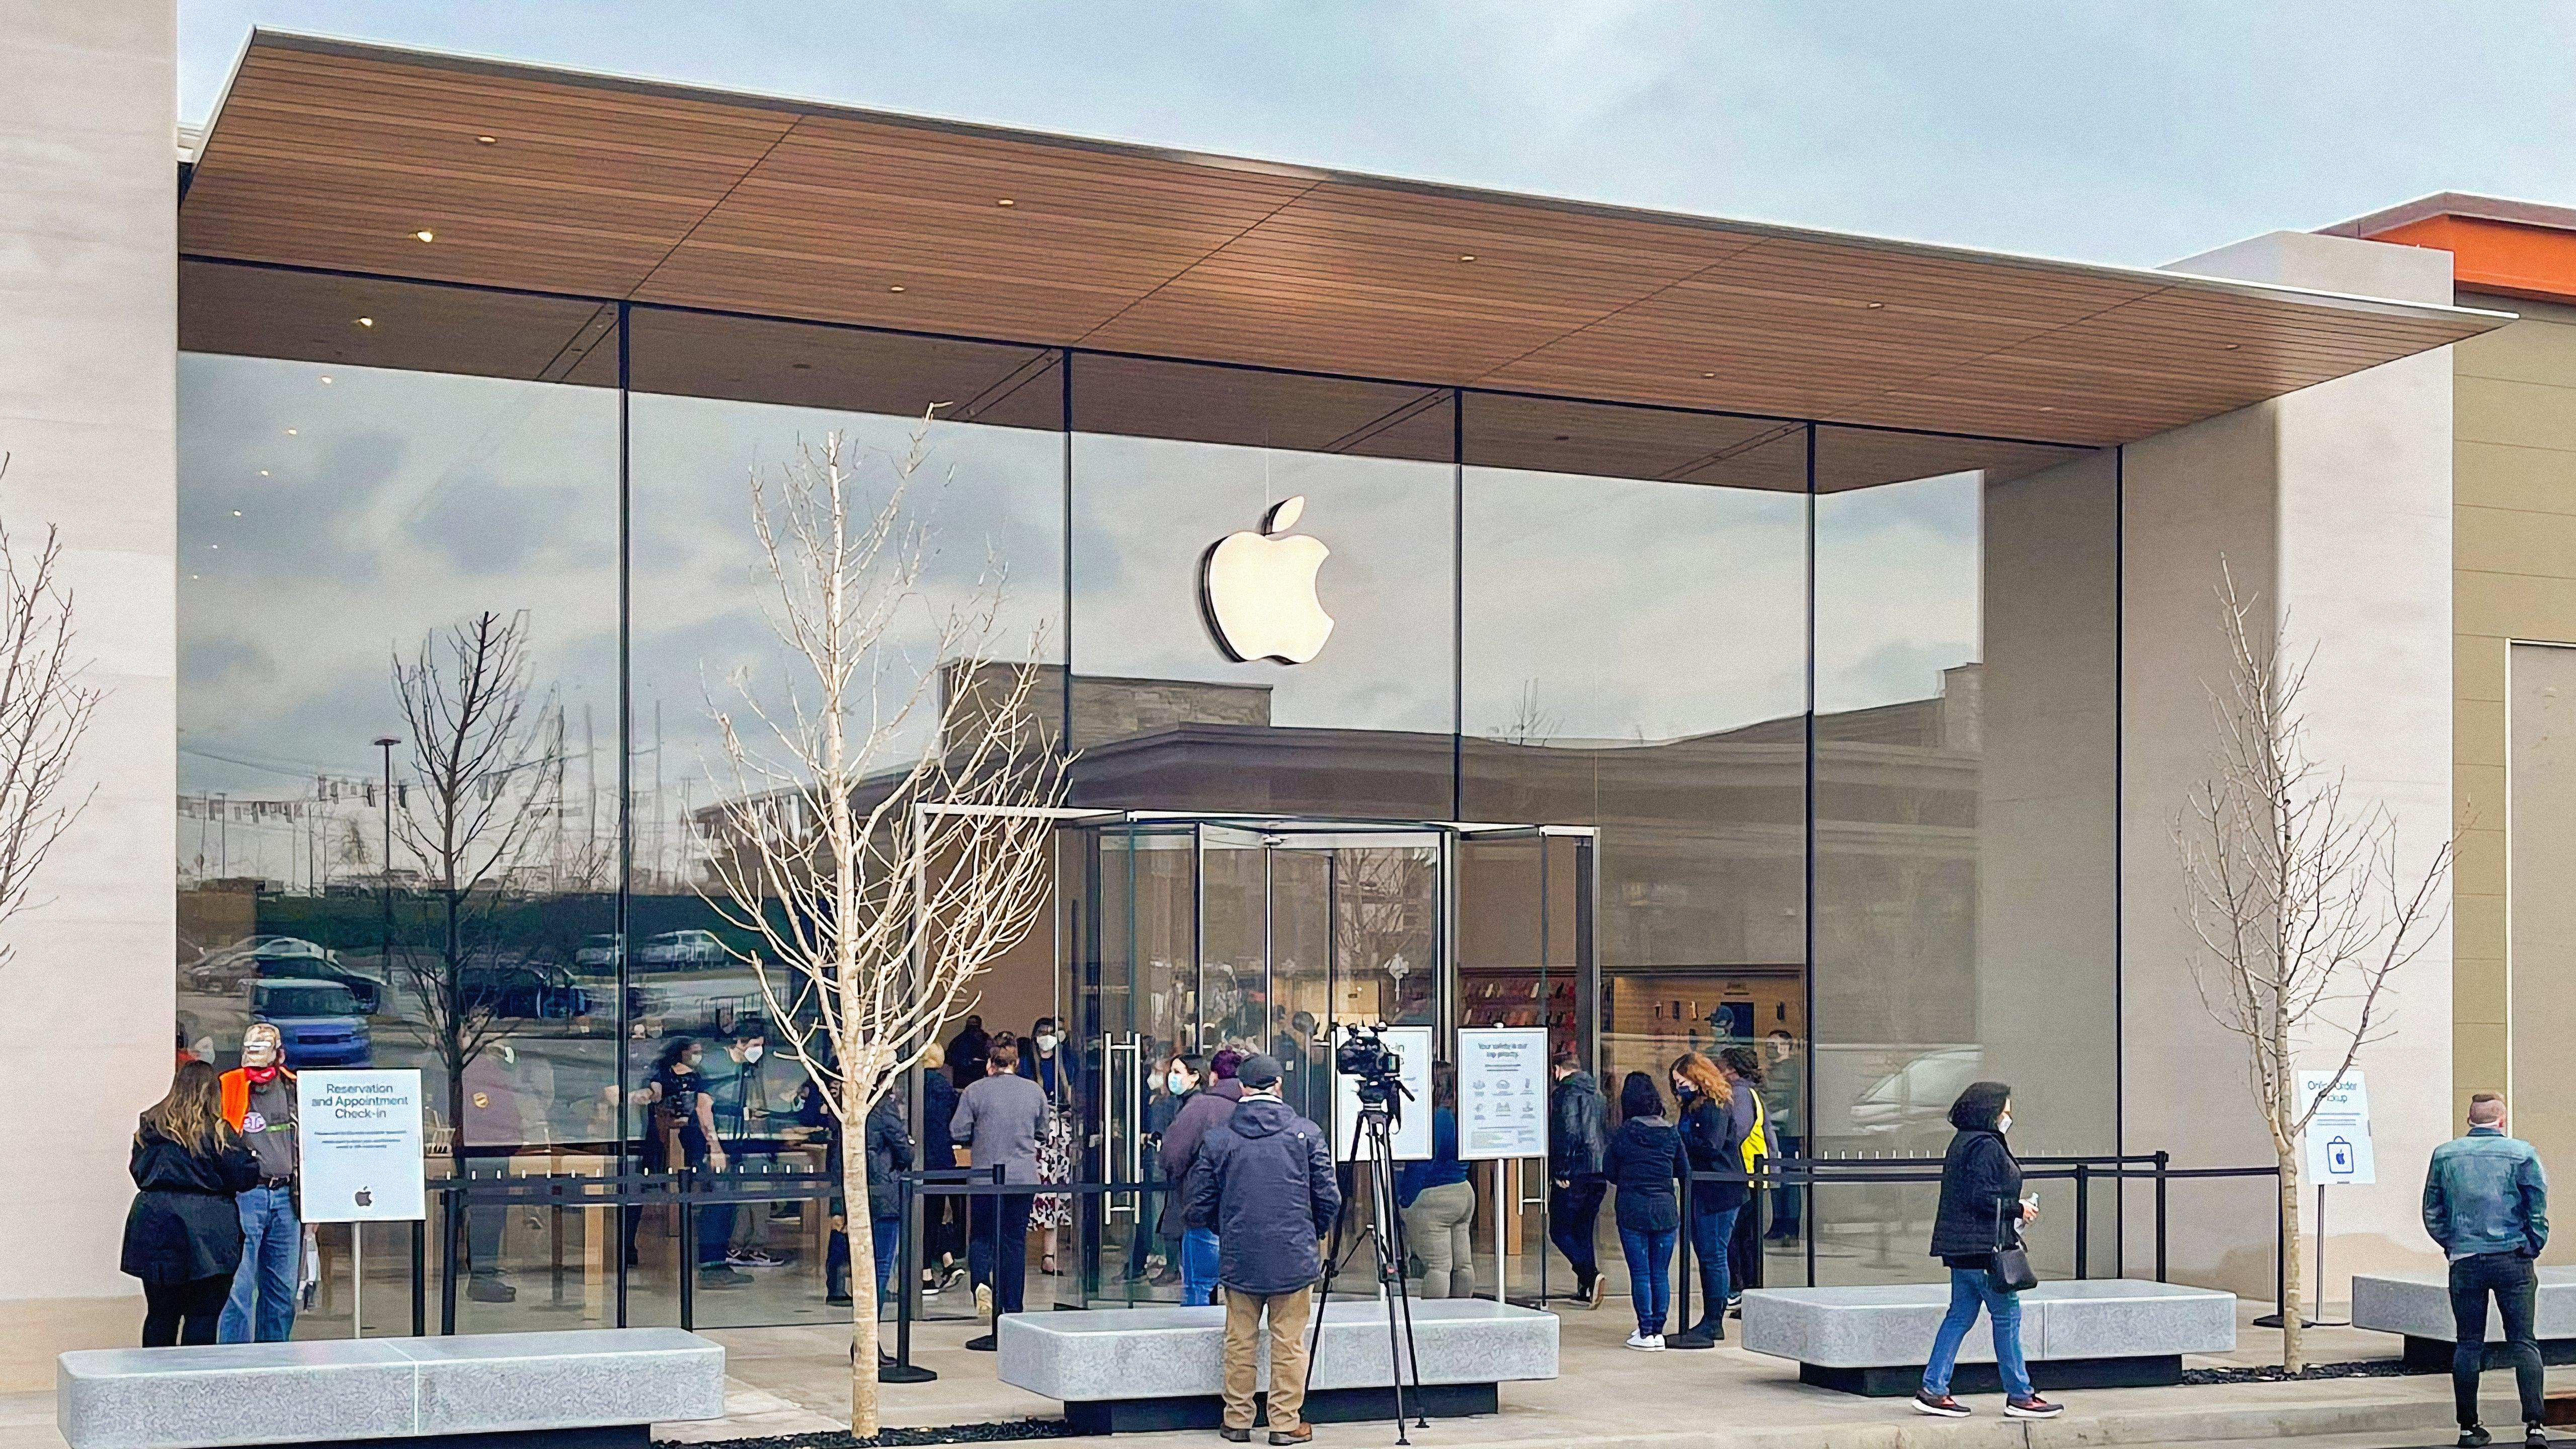 9to5mac.com - Photos: Apple Fritz Farm opens in Lexington, Kentucky